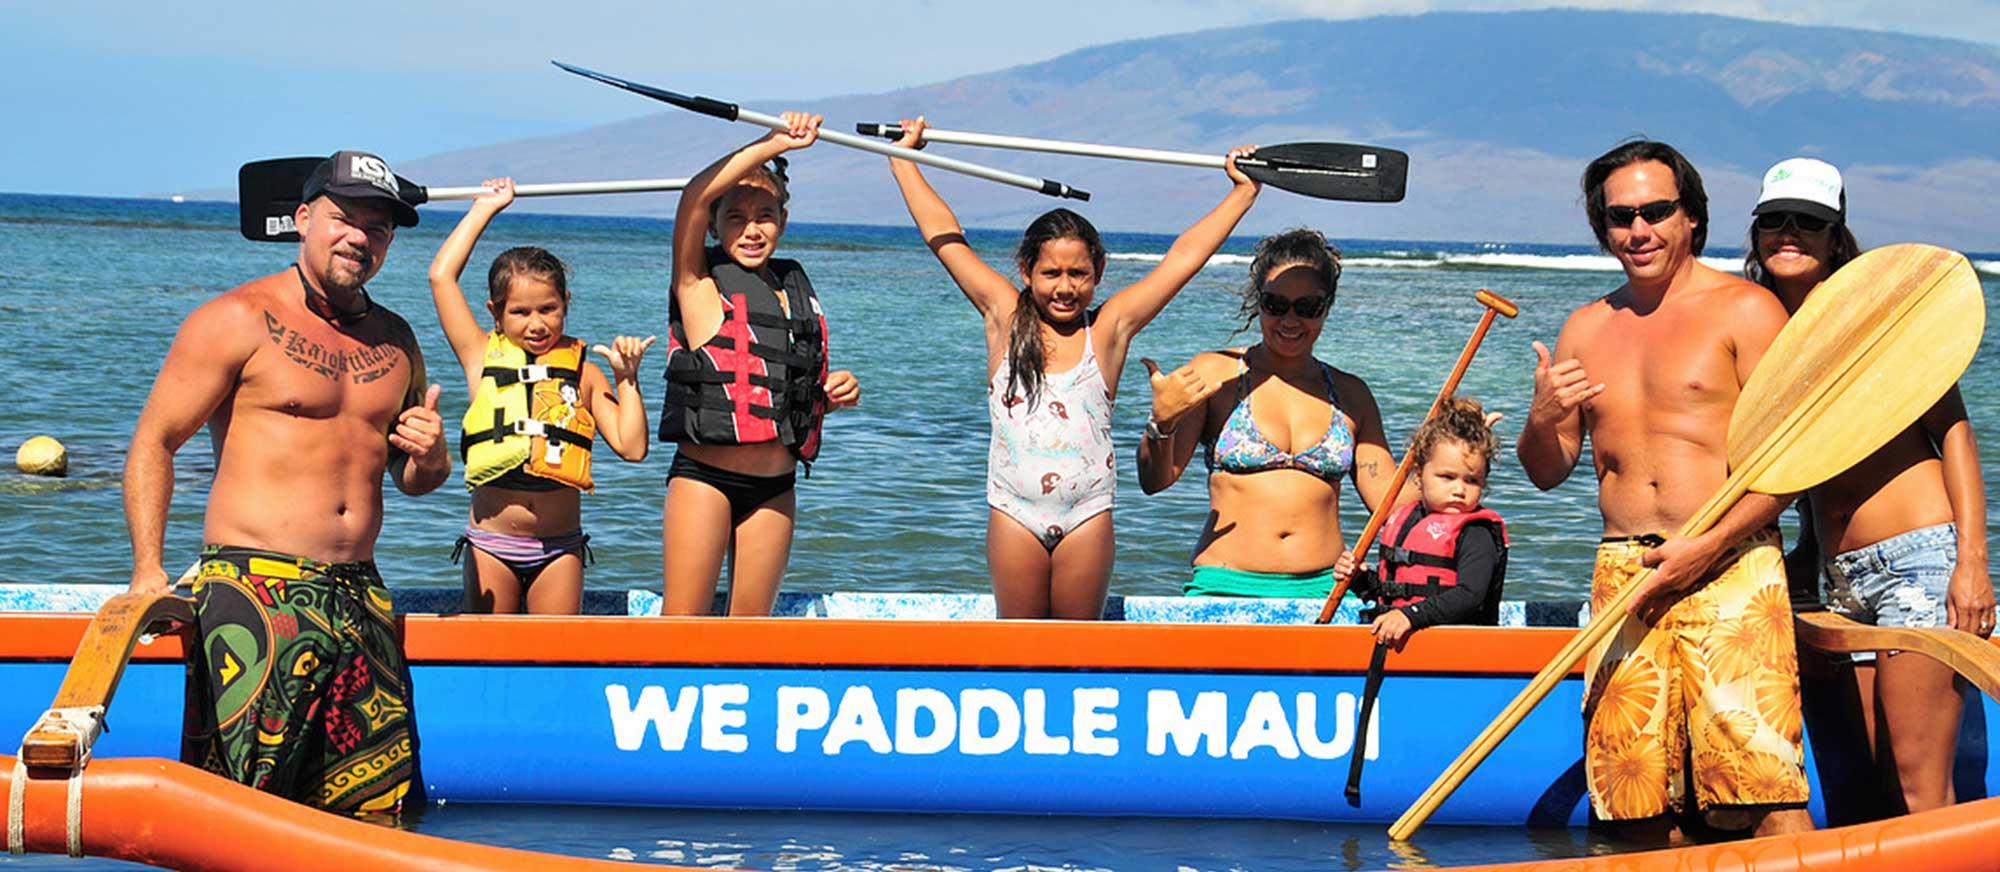 Canoe paddle tours in Lahaina, HI